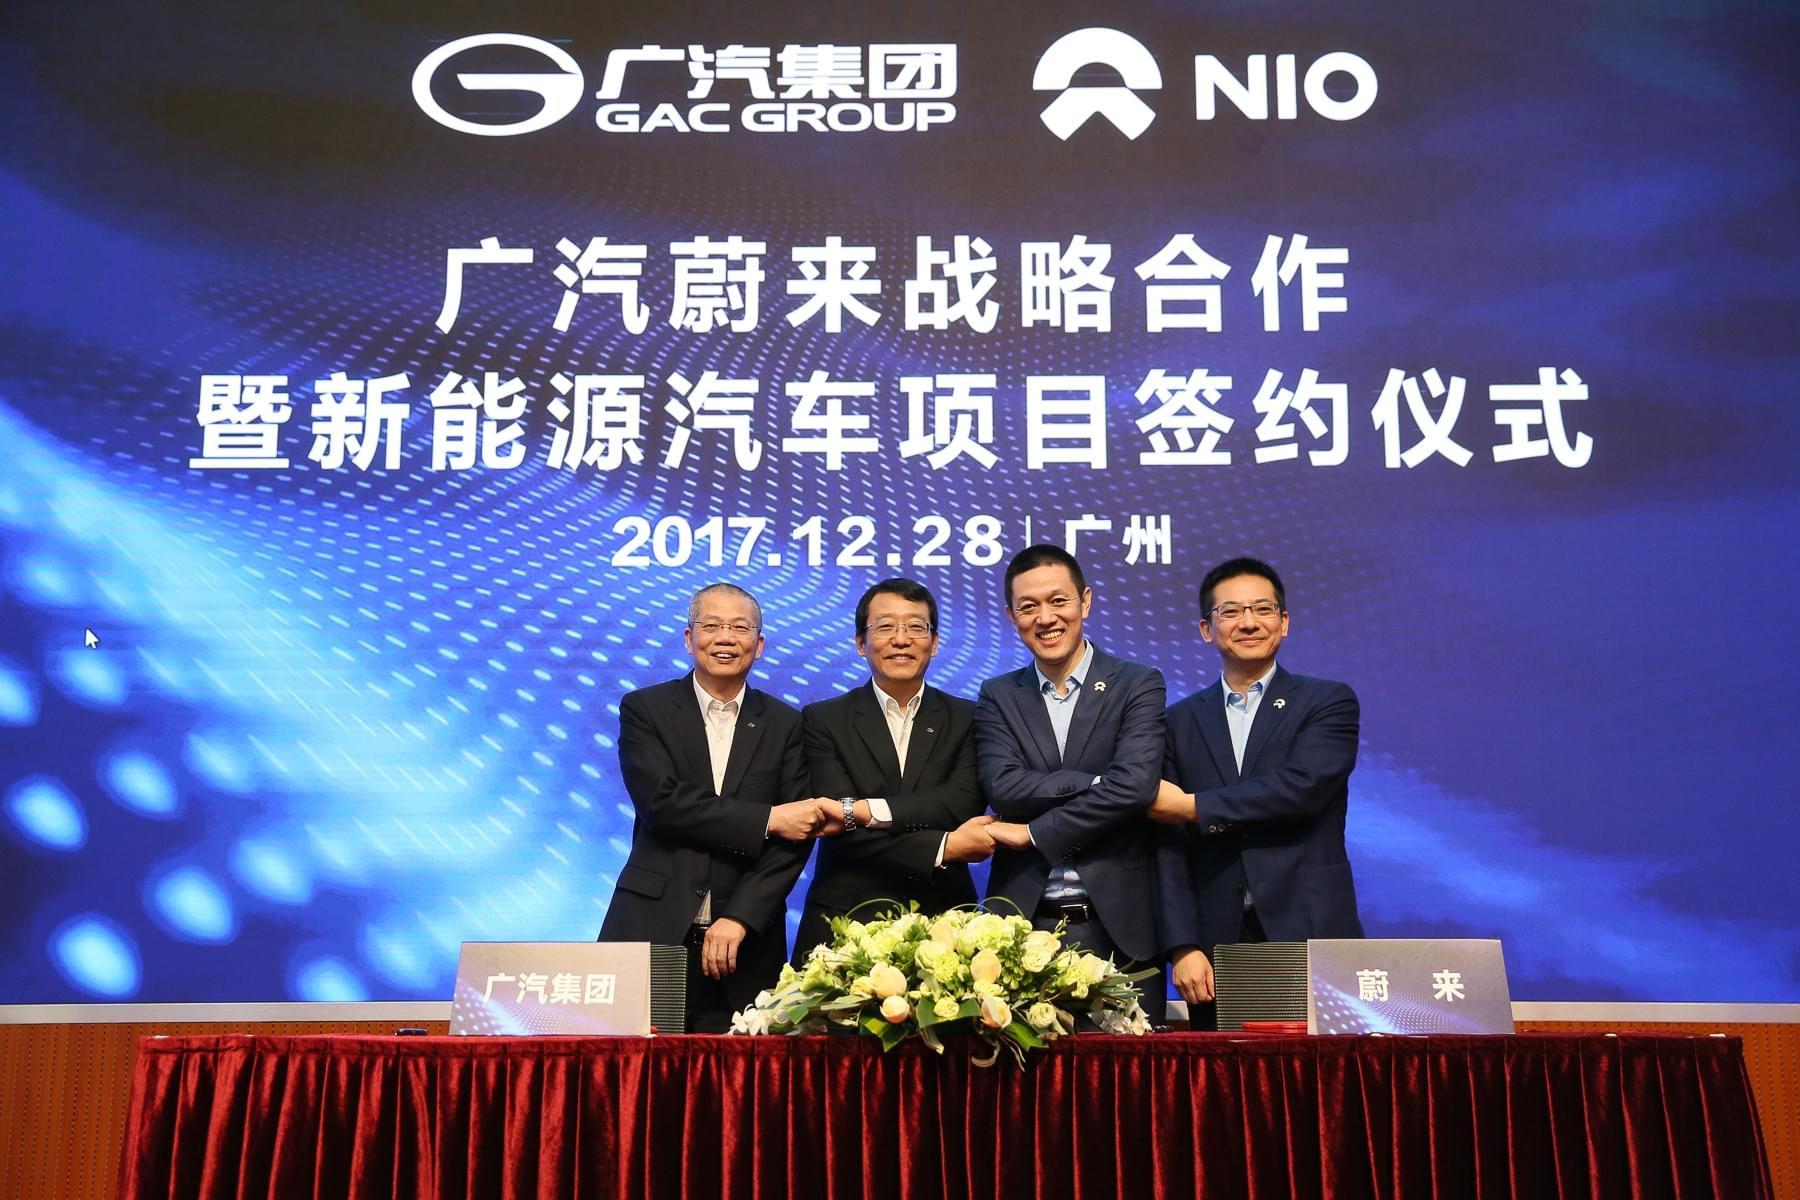 广汽蔚来正式签署新能源汽车项目 产业链全面合作